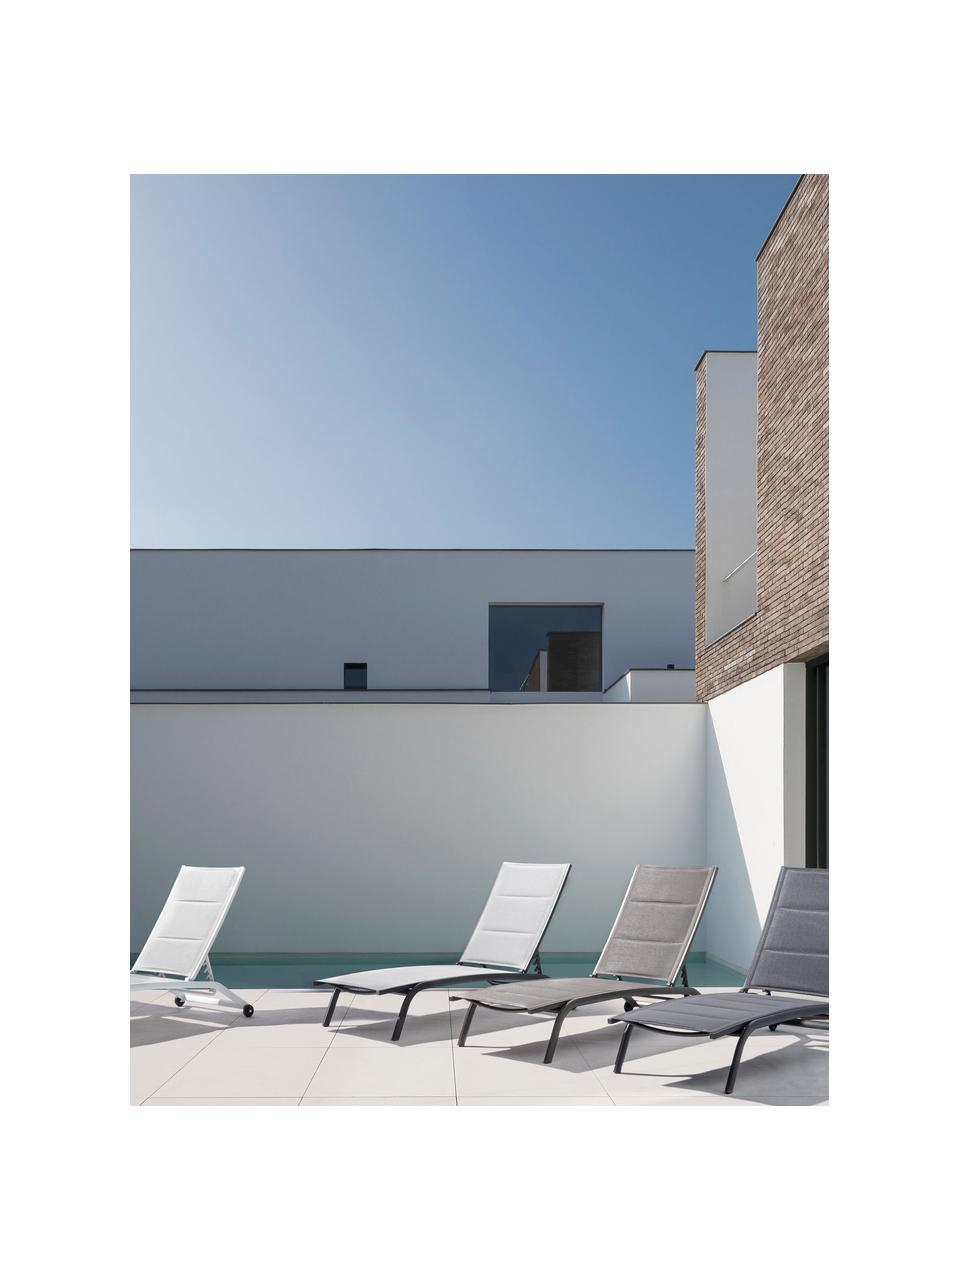 Zonnebed Cleopas, Bekleding: 100% polyester, Frame: gepoedercoat aluminium, Wieltjes: kunststof, Antraciet, 61 x 192 cm